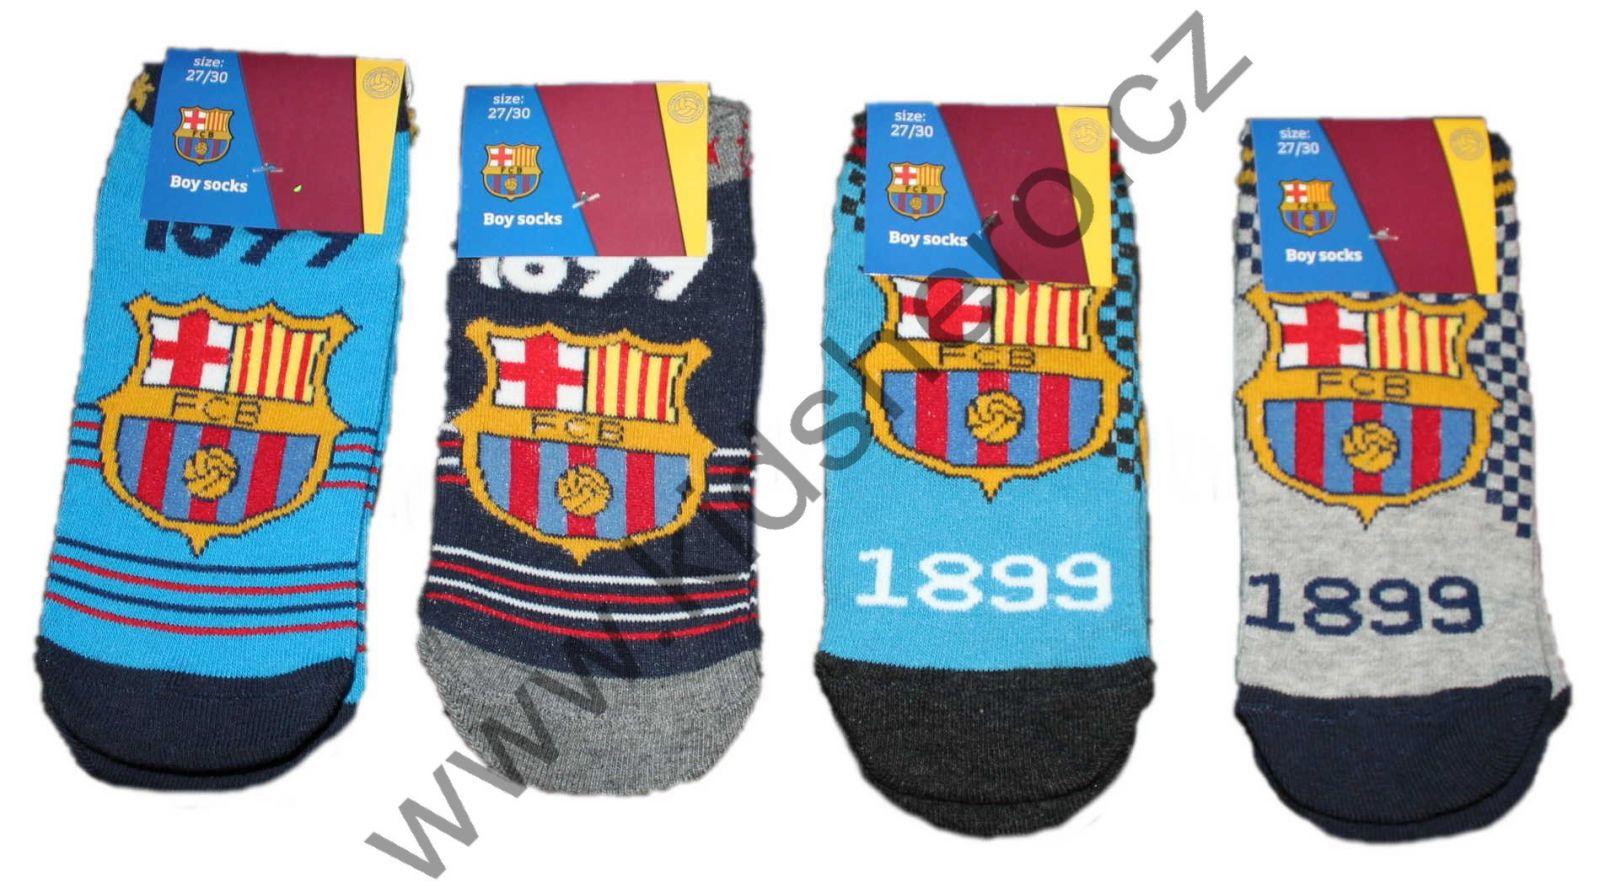 Ponožky FC BARCELONA dětské ponožky Barca, kotníkové ponožky FC Barcelona